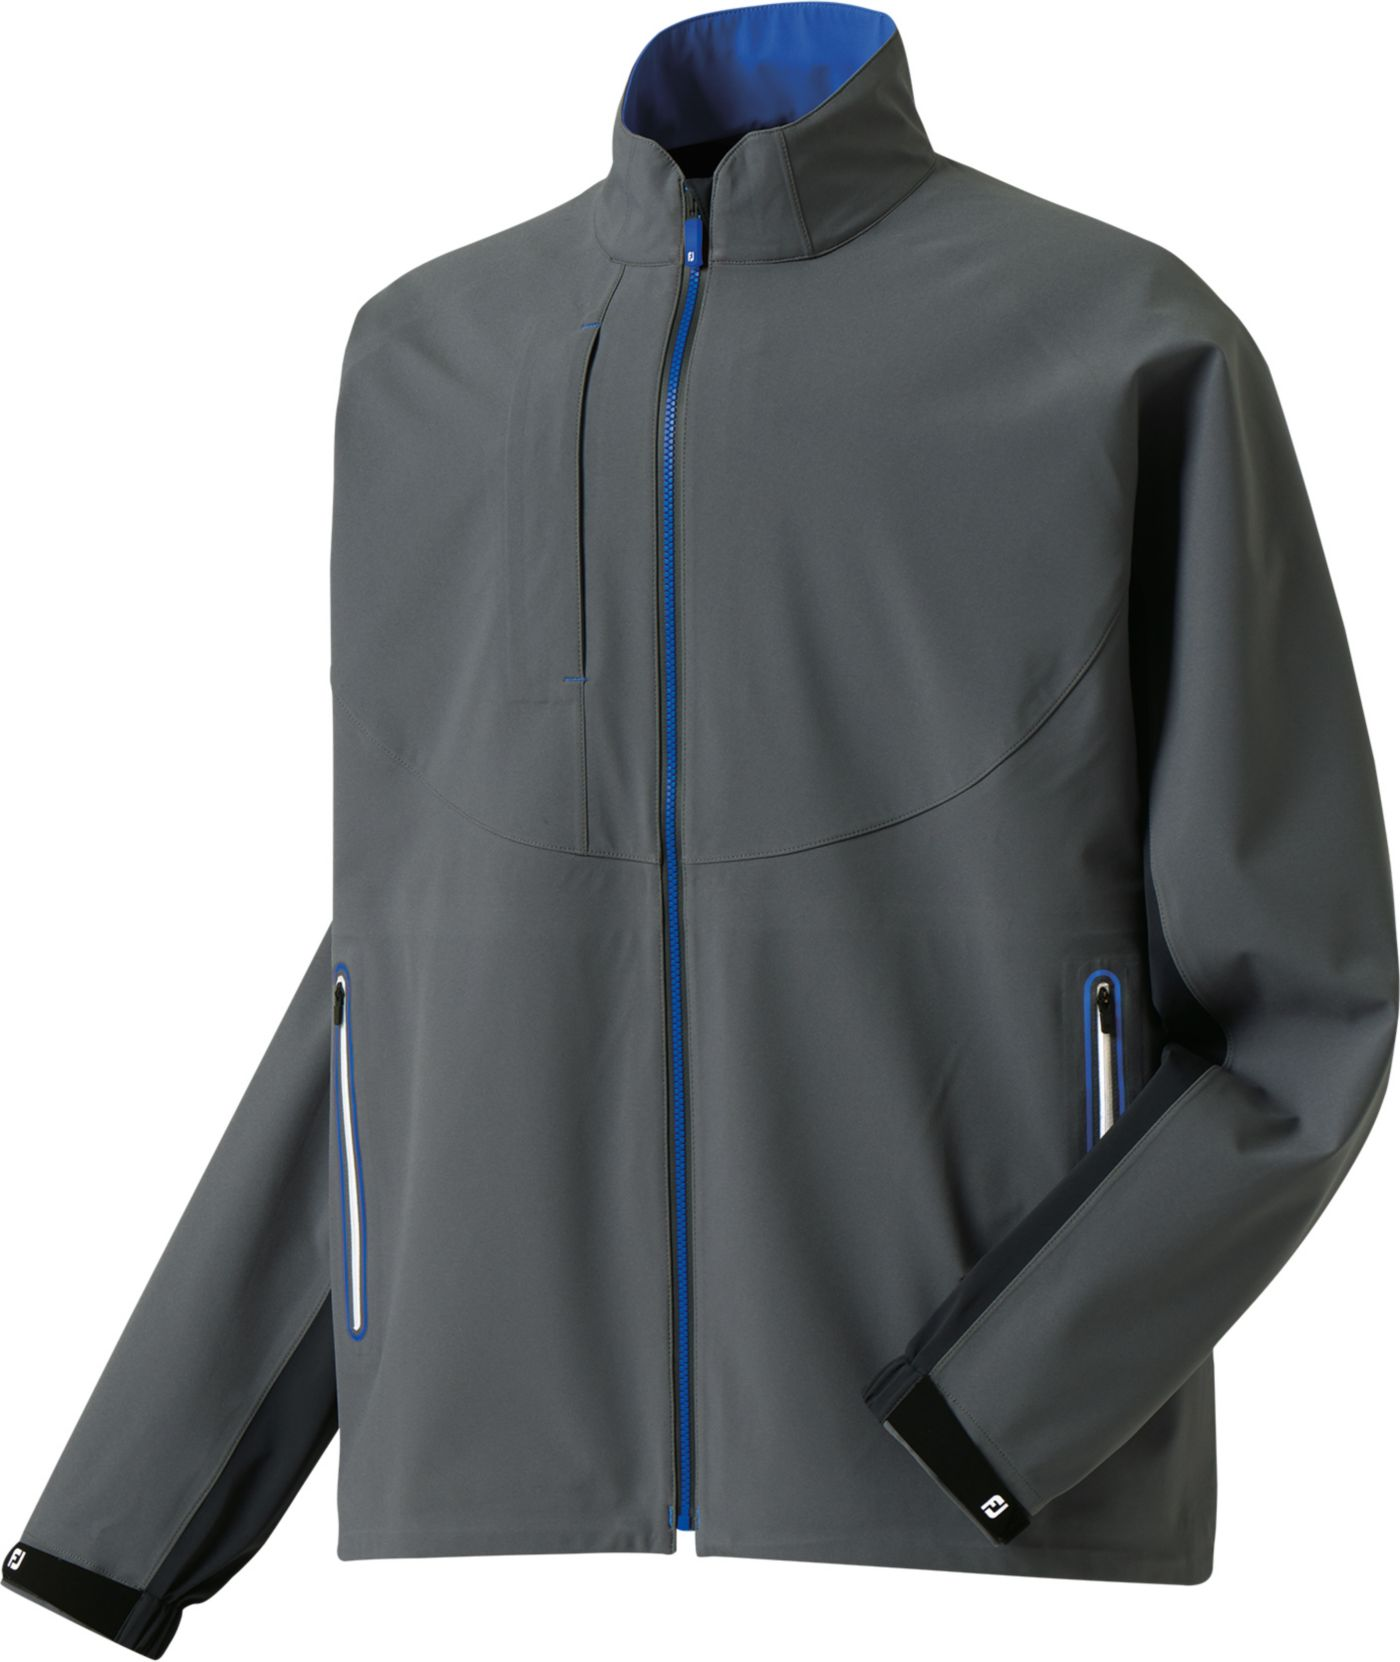 FootJoy DryJoys Tour LTS Rain Jacket